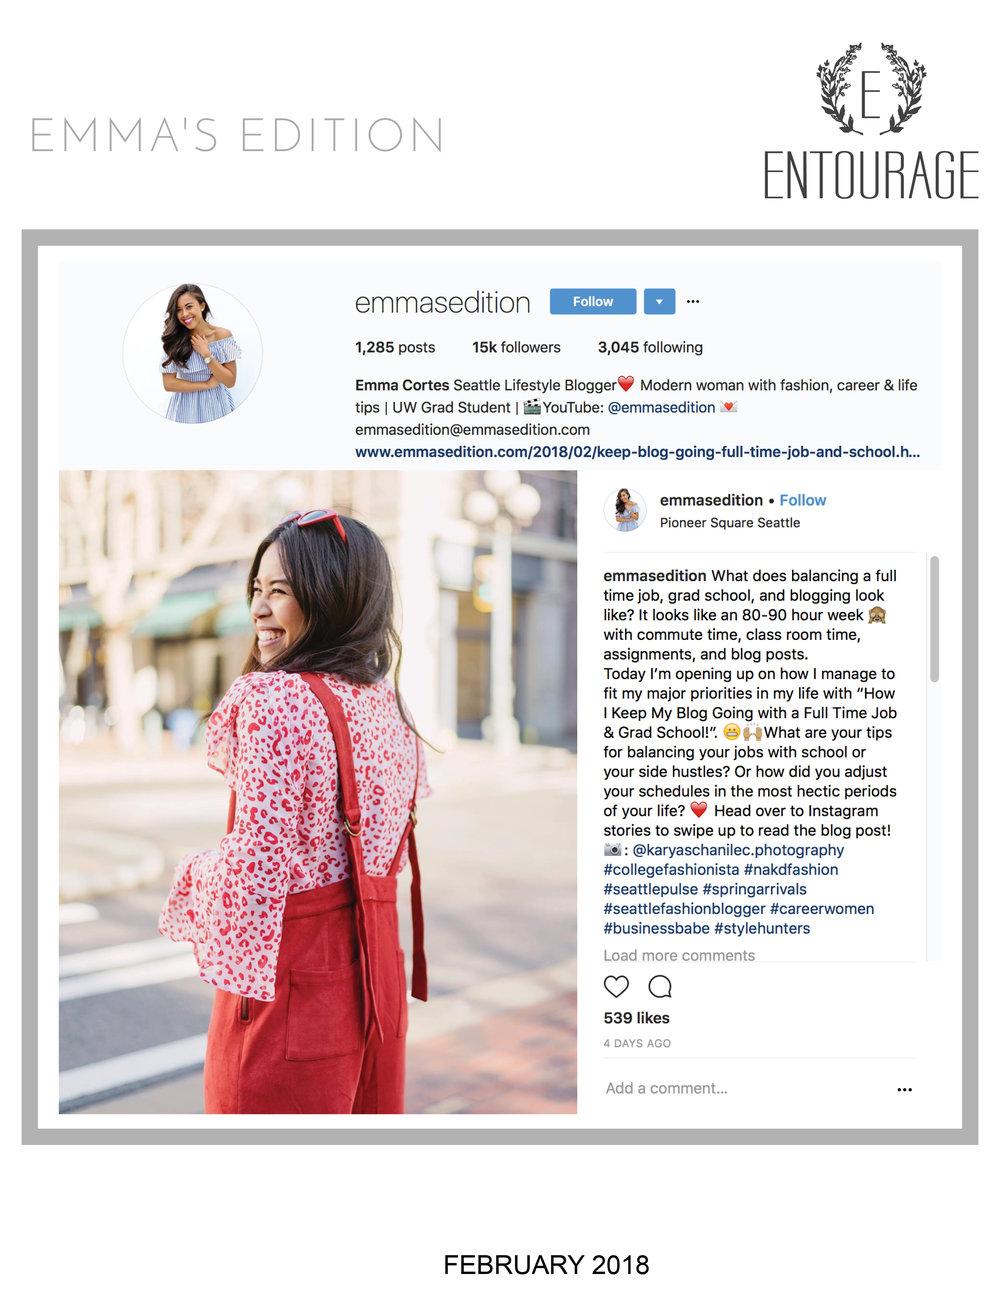 Entourage_Emma2Cortes_February2018.jpg